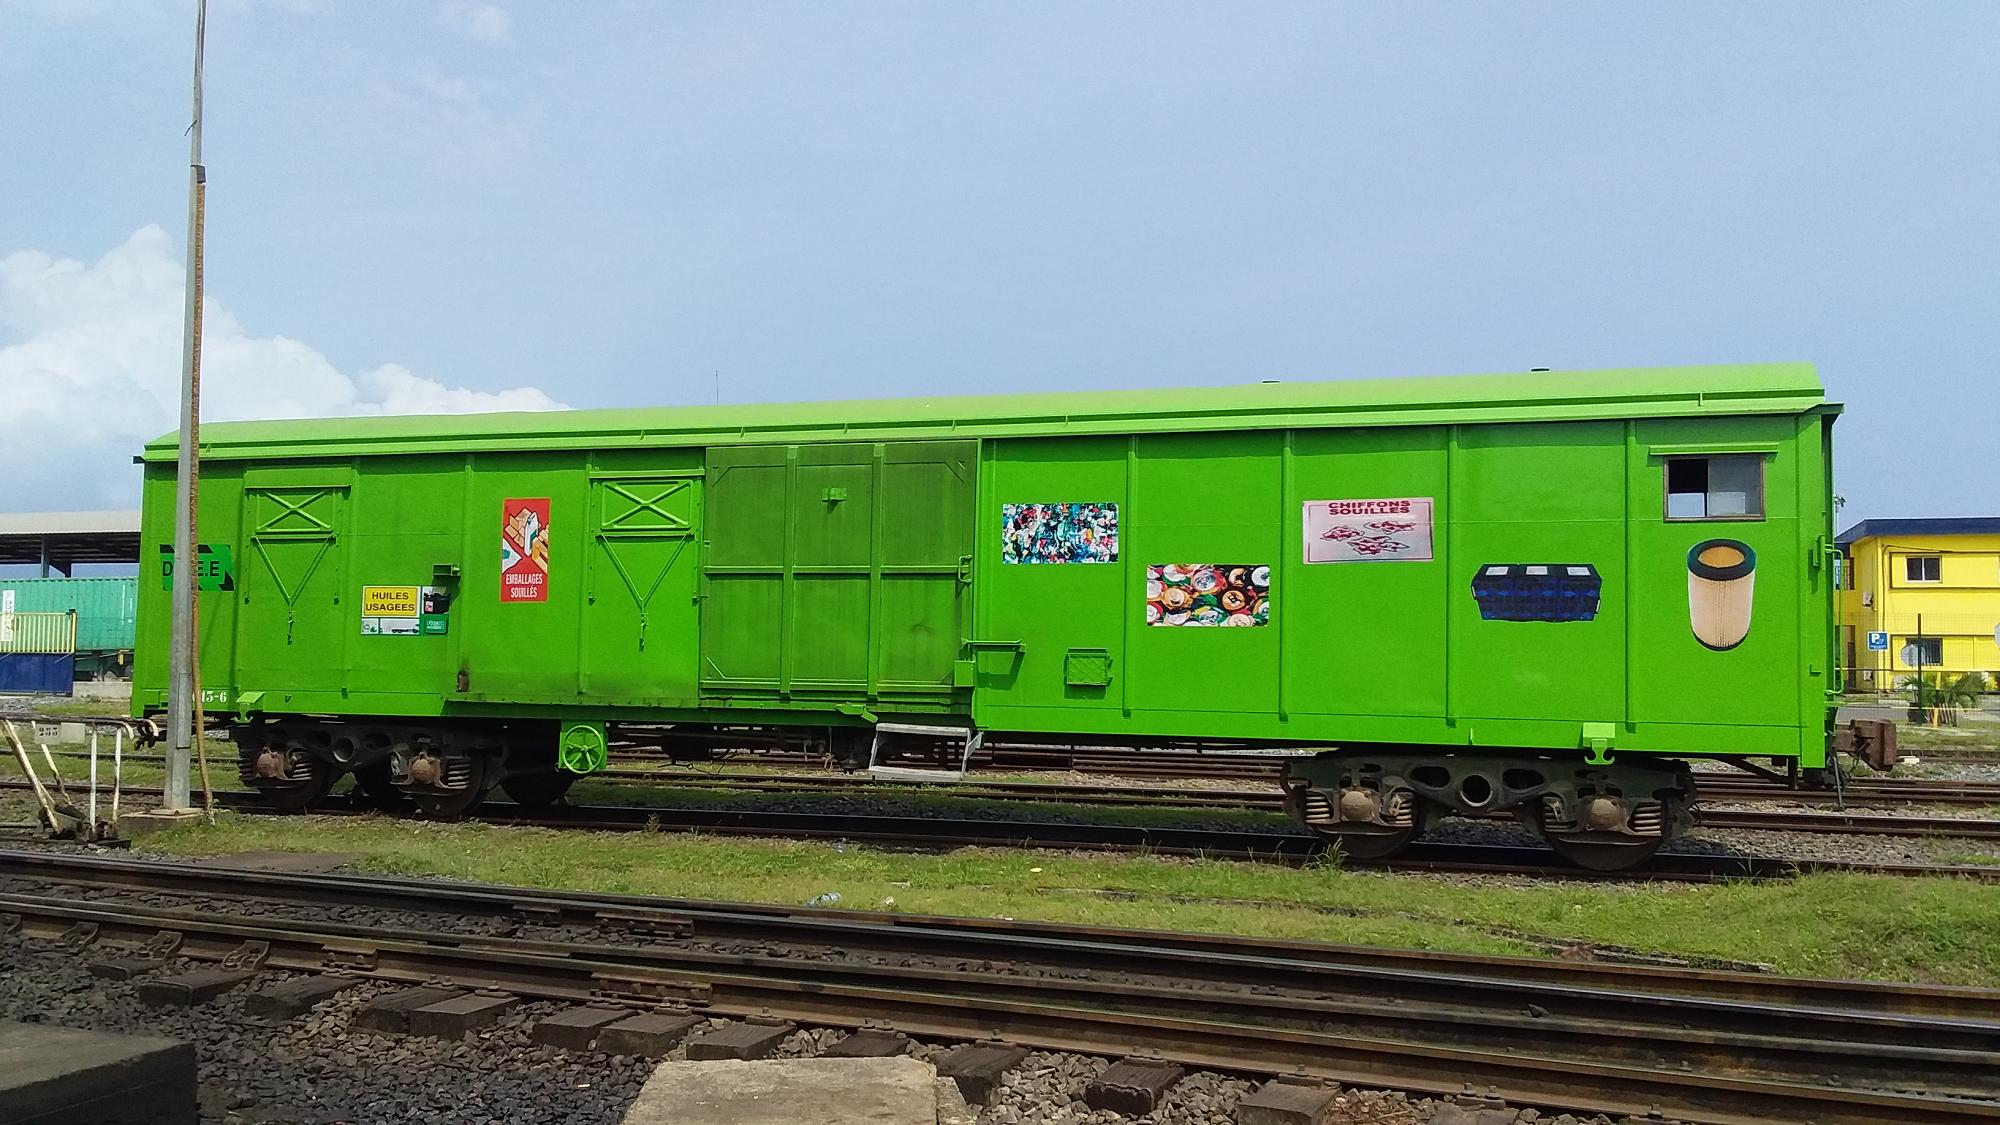 Le wagon vert: la bonne pratique Environnement de la Setrag